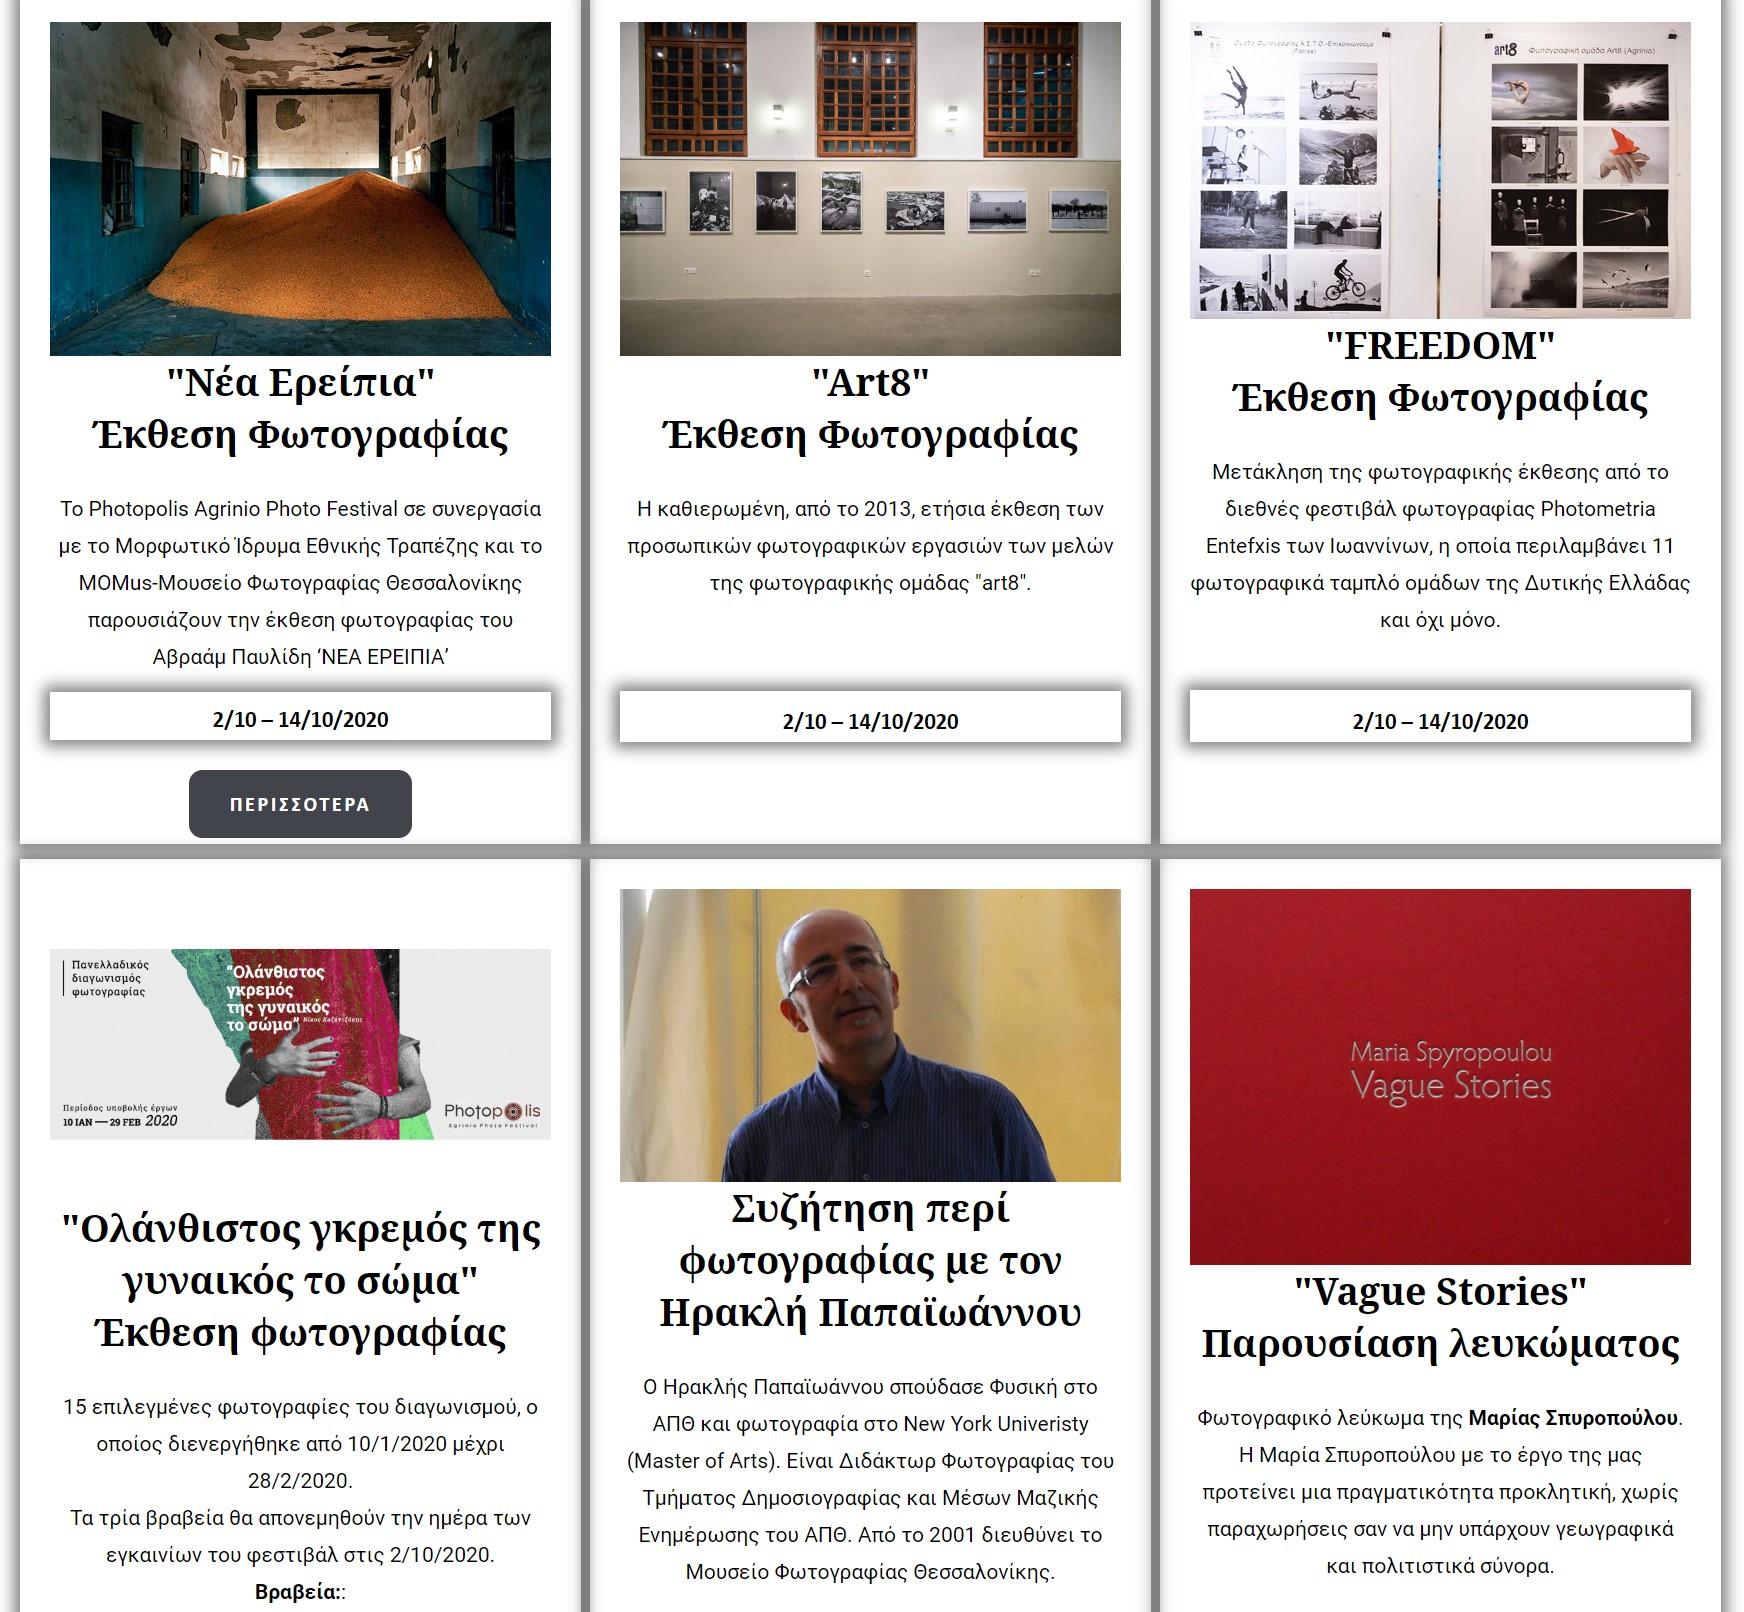 Το πρόγραμμα του Photopolis Agrinio Photo Festival